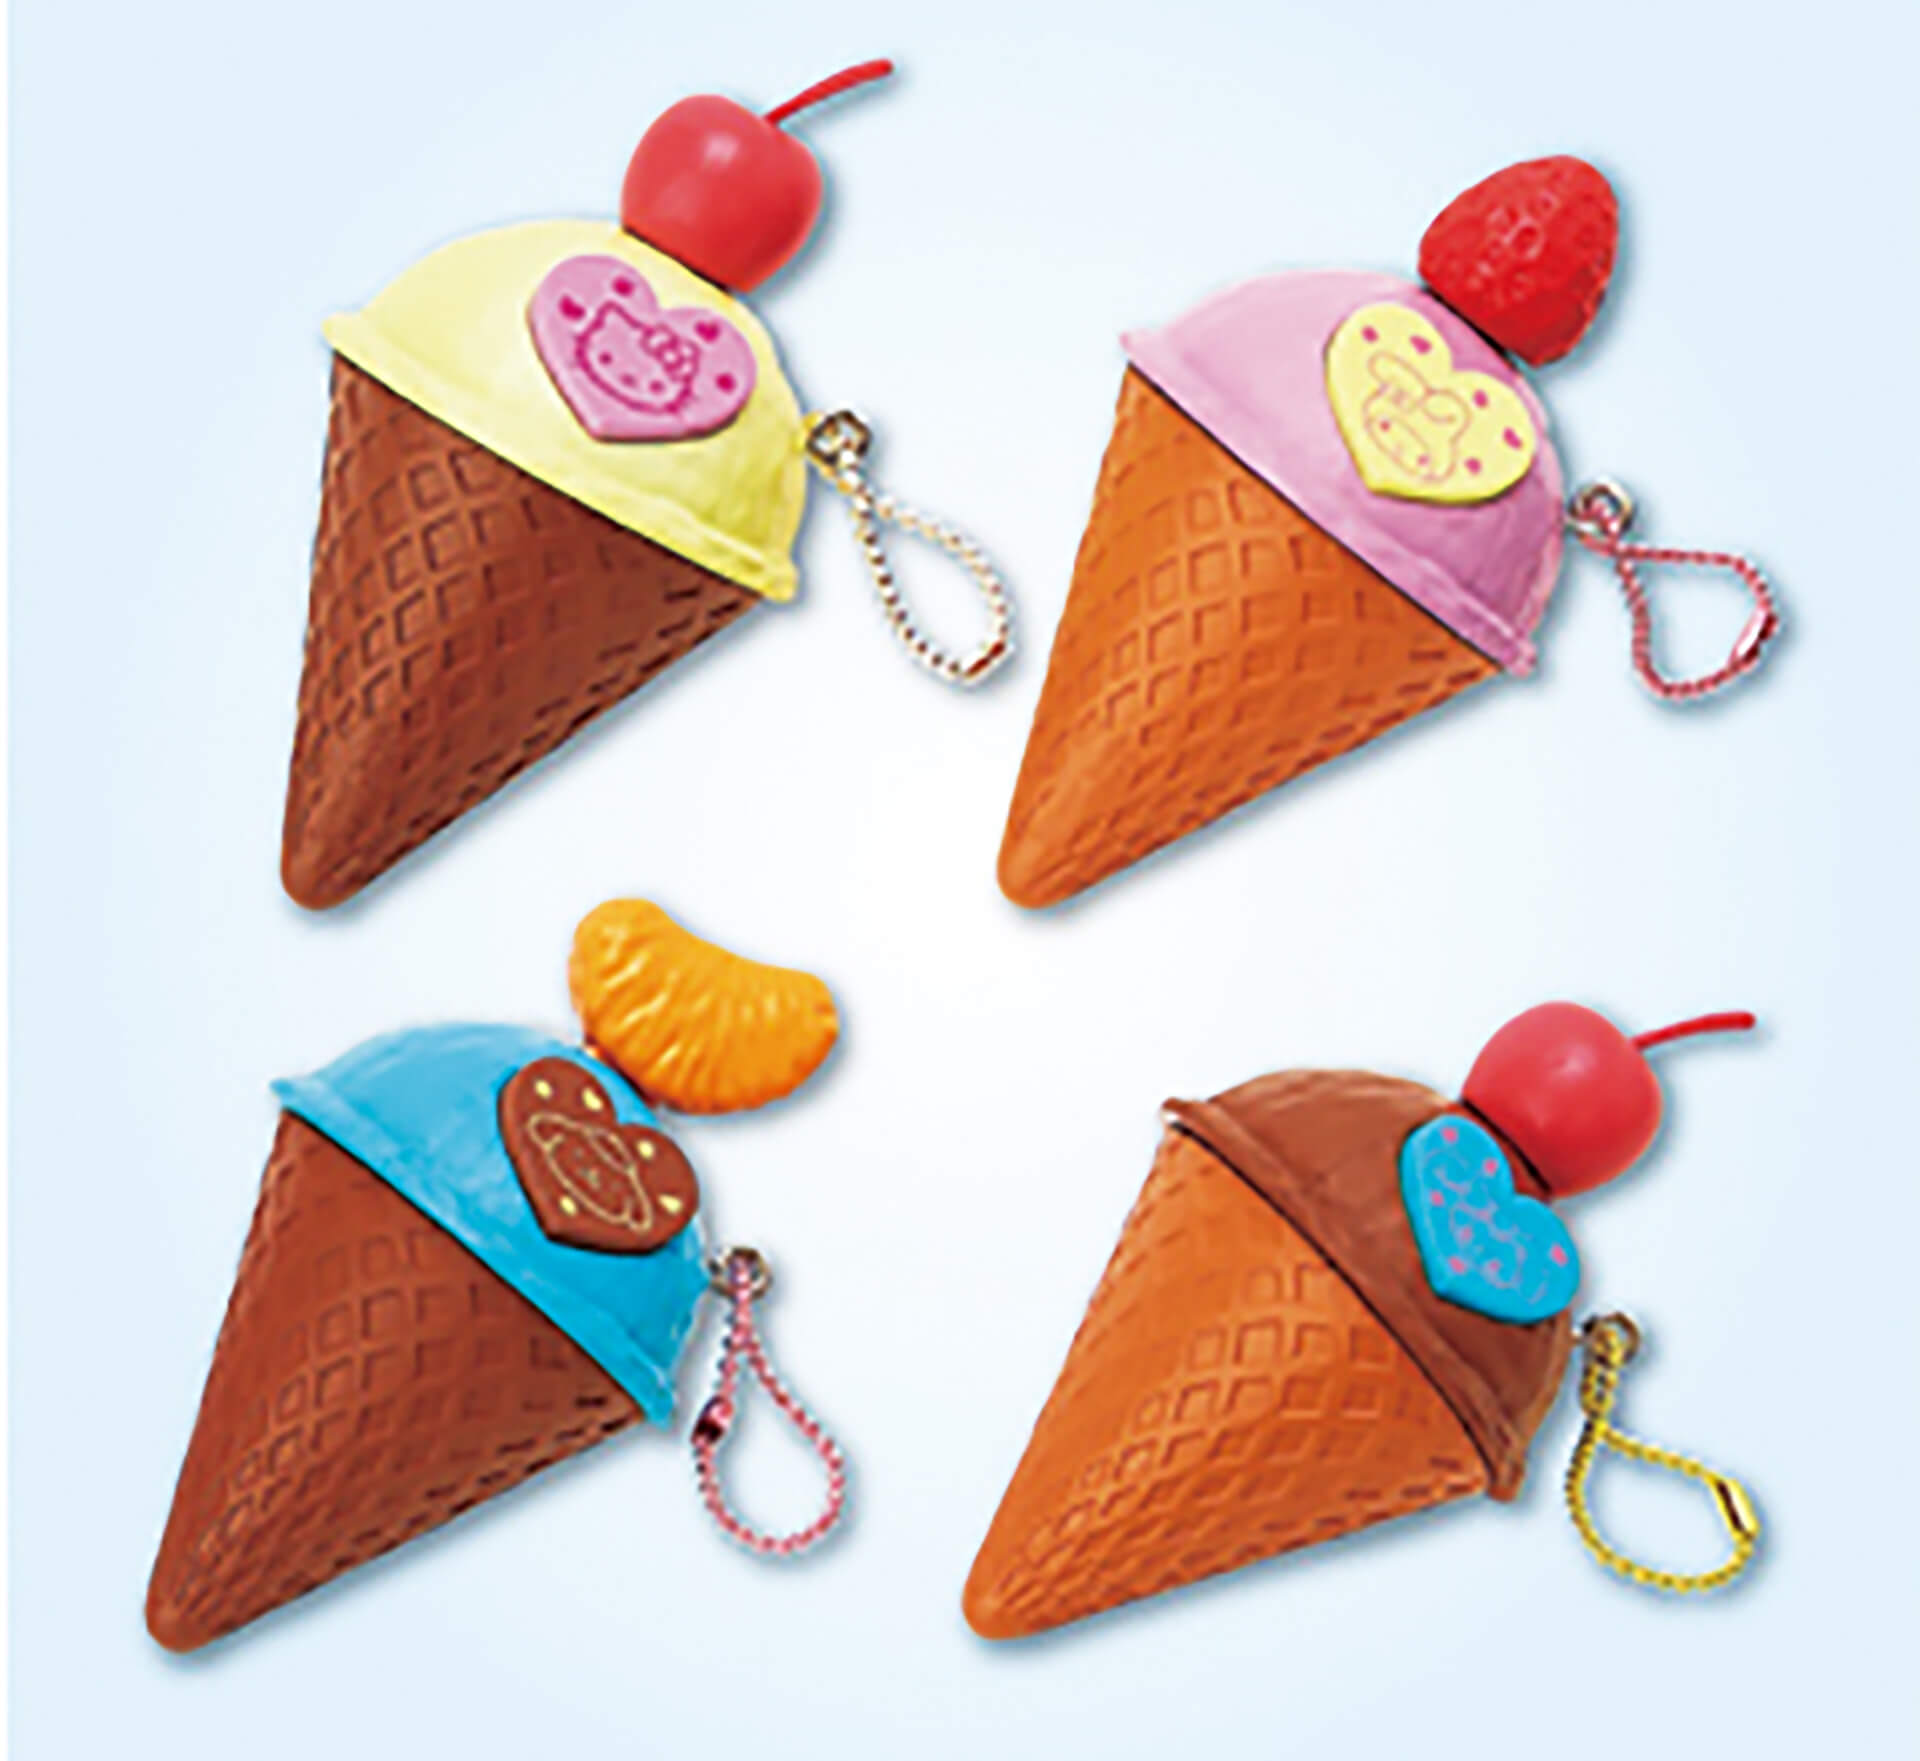 この写真はかわいいのヒミツ展のプレイスクール、マスコット作り アイスクリームの単品